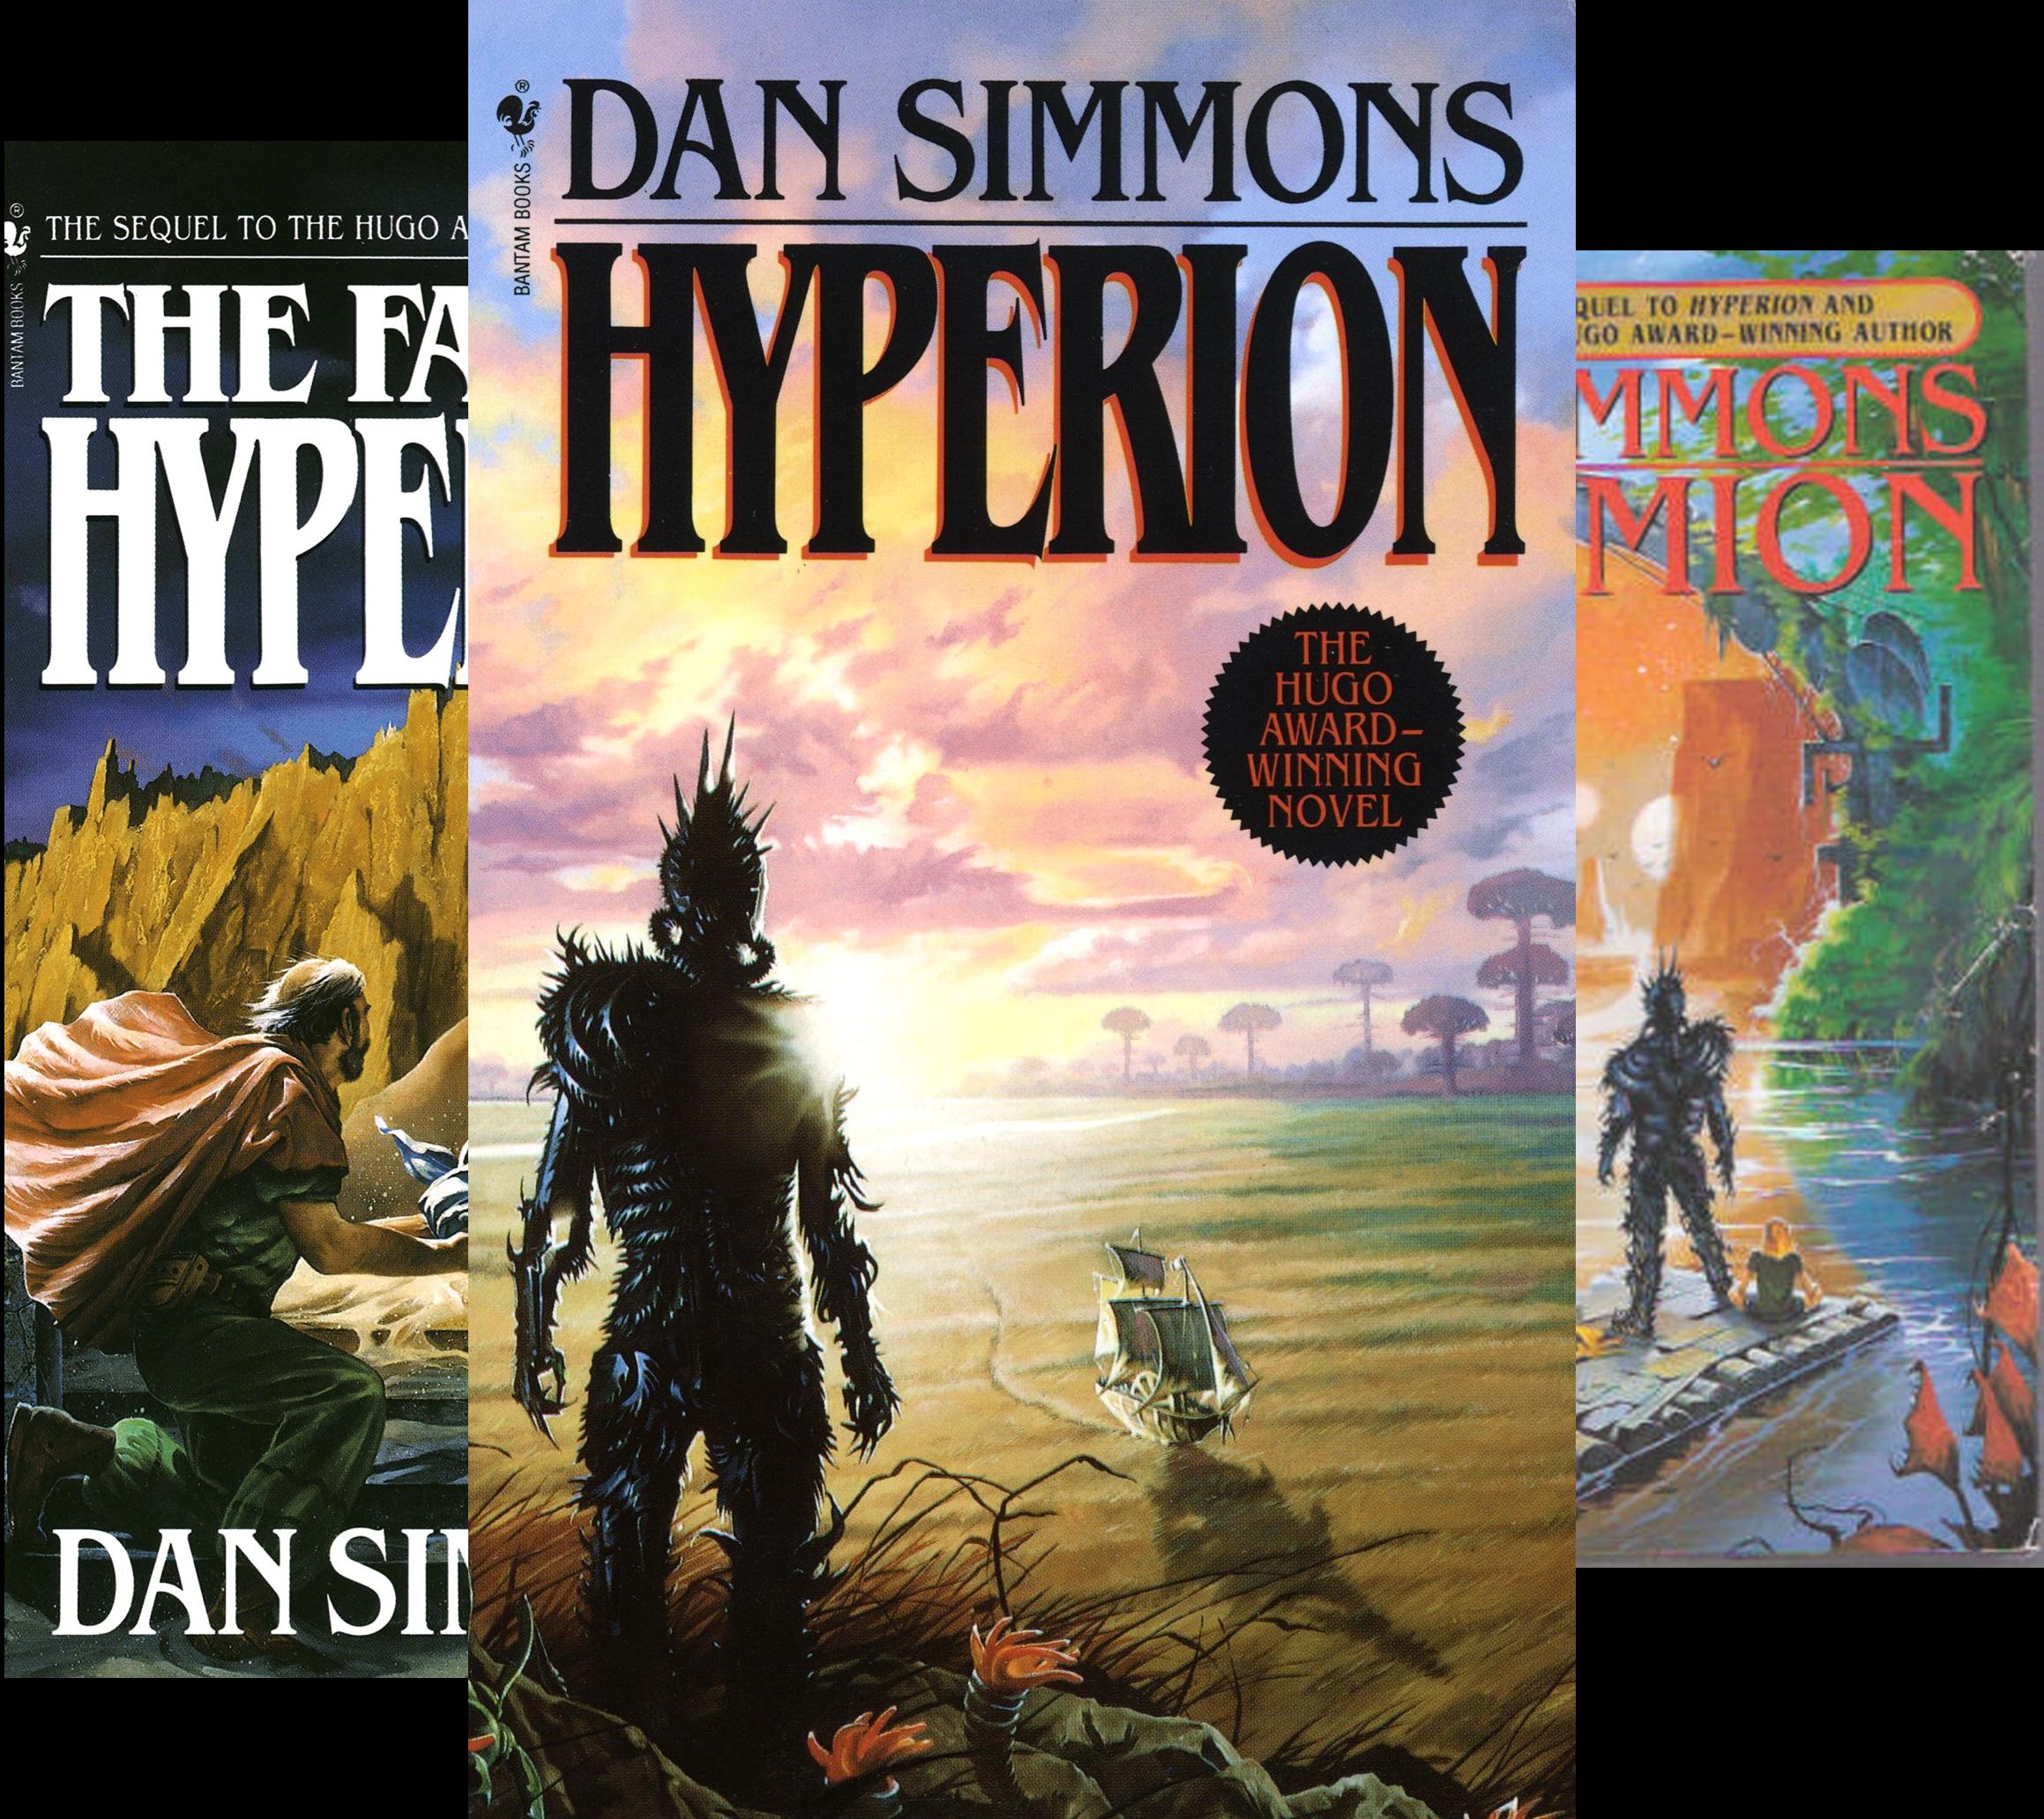 Hyperion Cantos (4 Book Series)